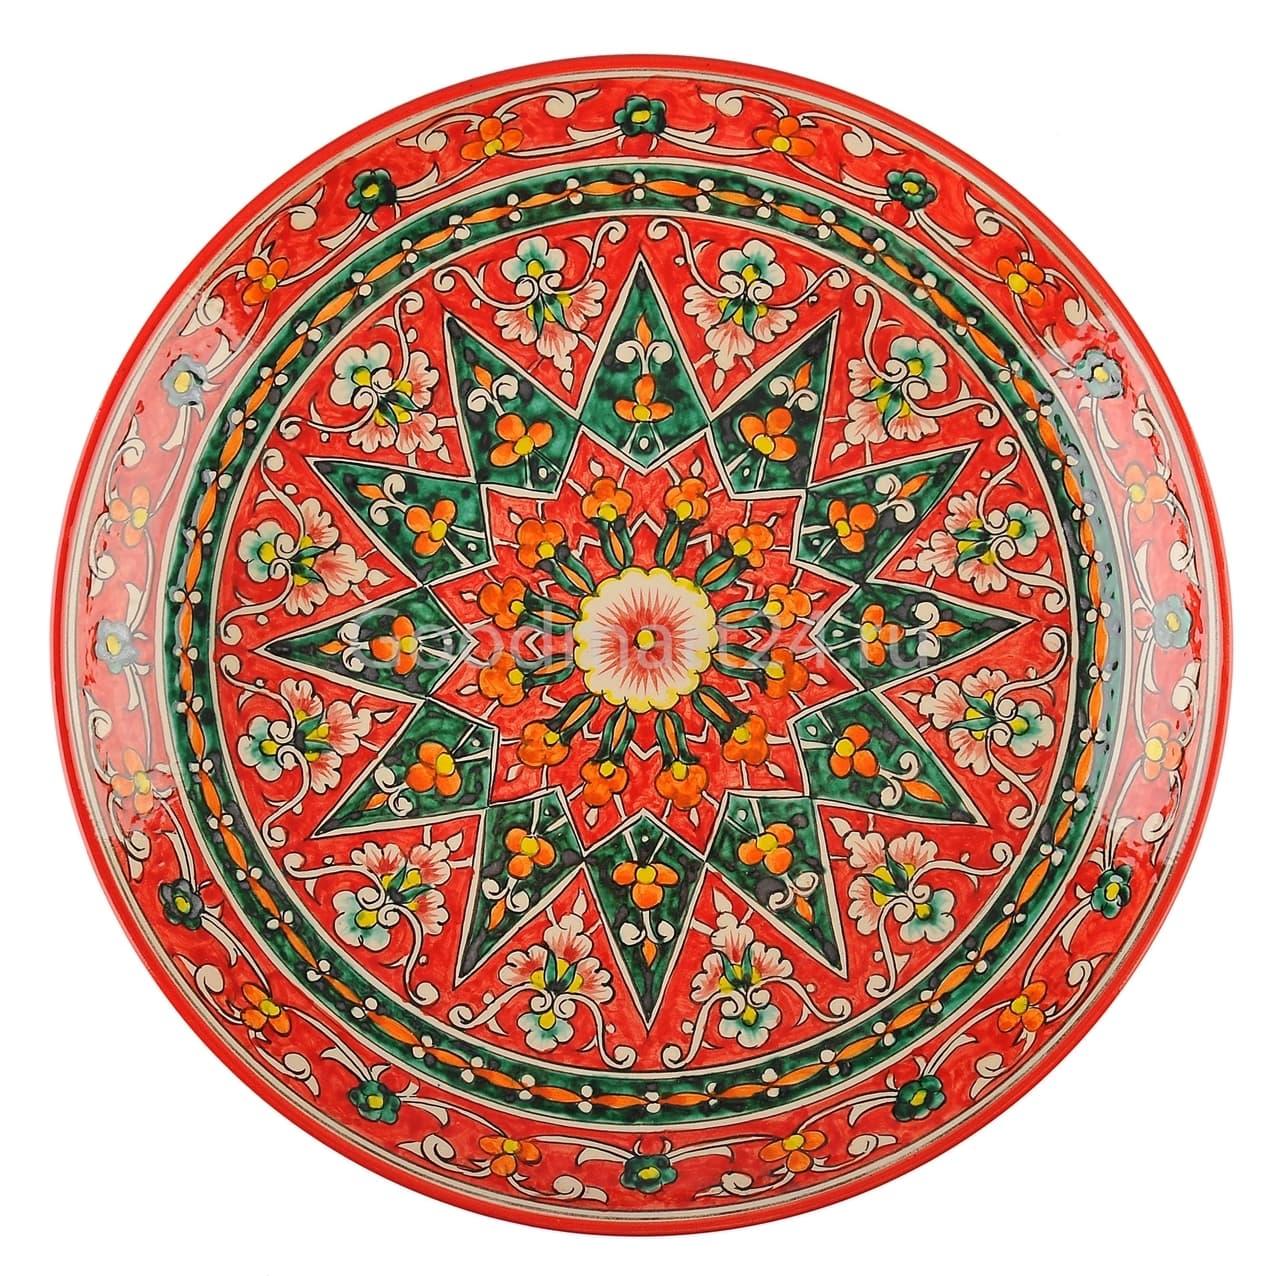 Ляган Риштанская Керамика 32 см. плоский, Qora galam - фото 7383